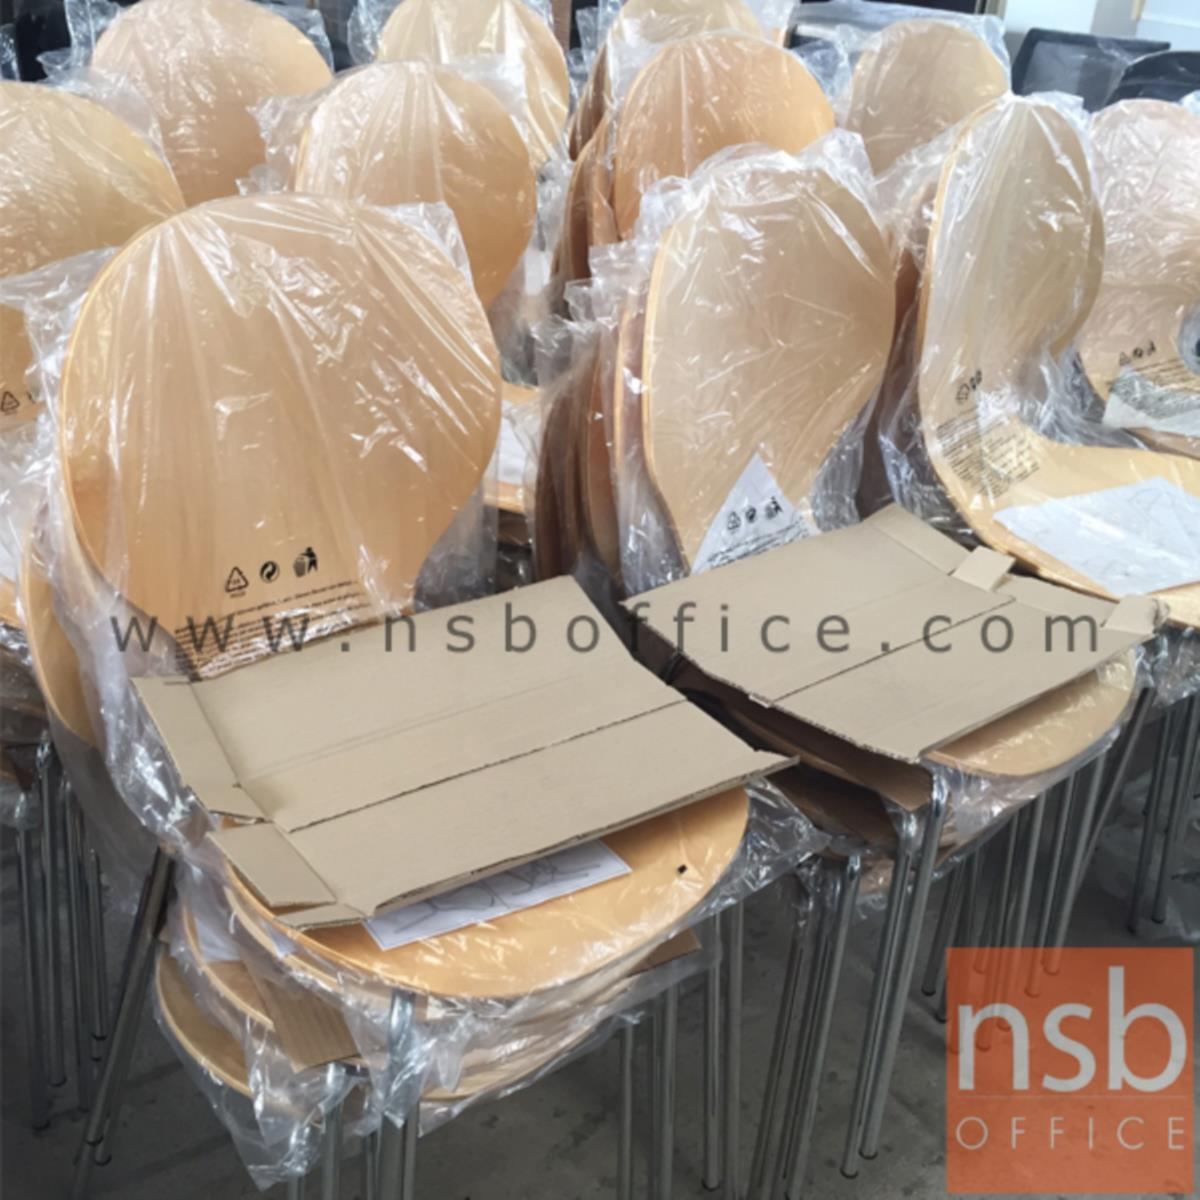 เก้าอี้อเนกประสงค์ไม้วีเนียร์ดัด รุ่น BH-041-DIAMOND  ขาเหล็กชุบโครเมี่ยม